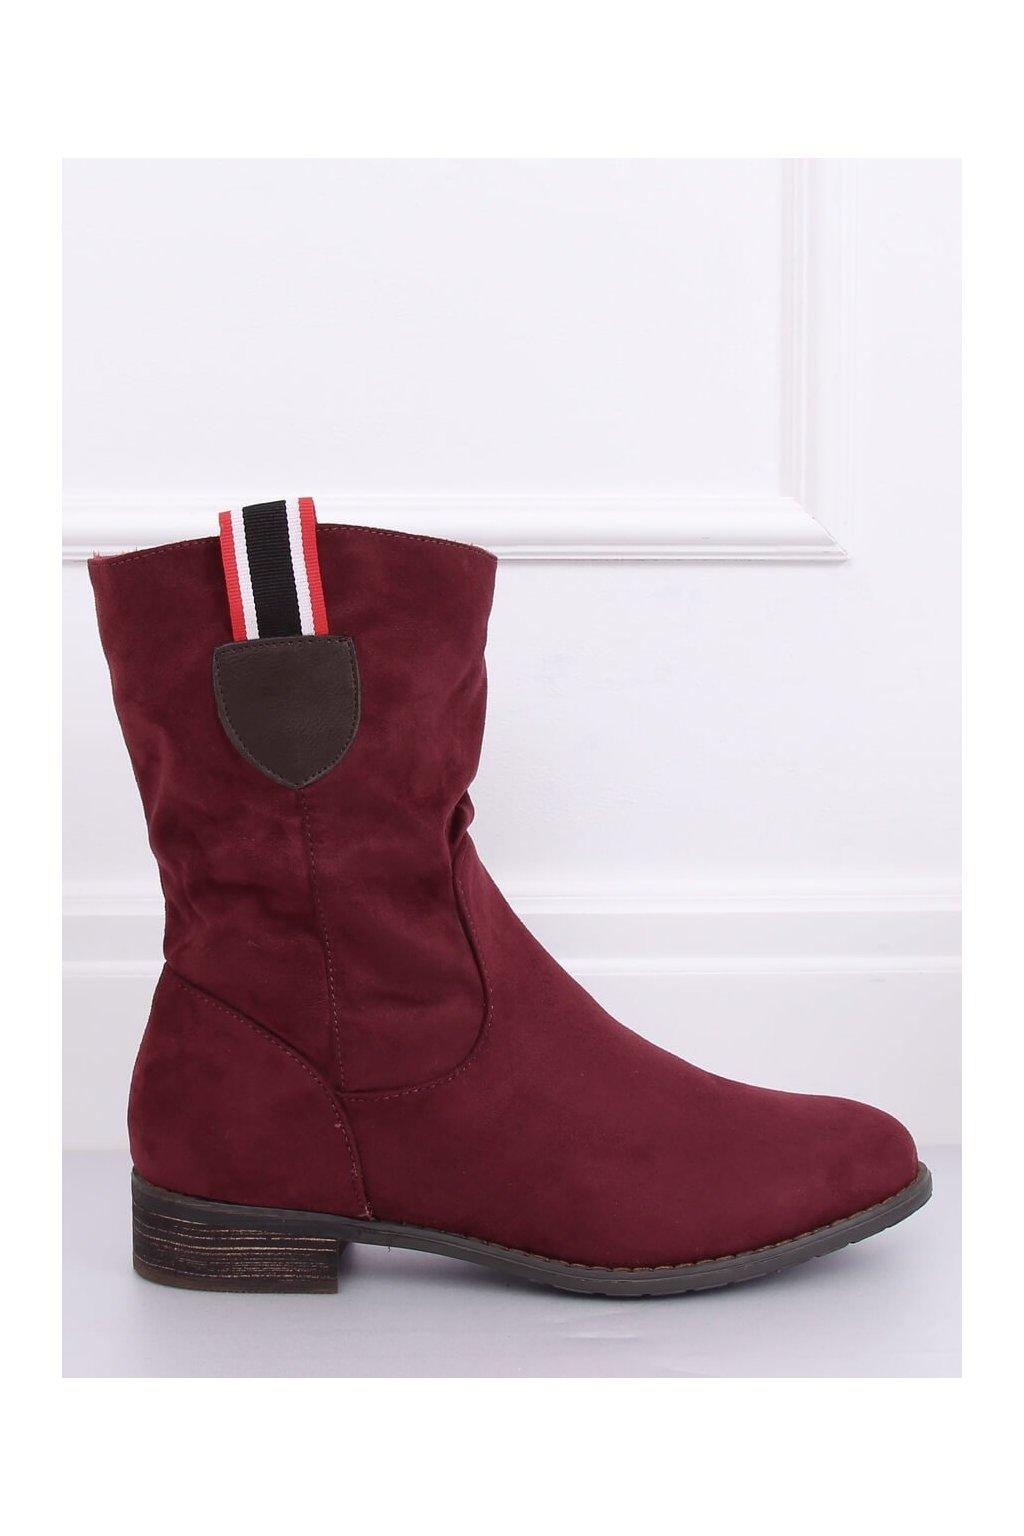 Dámske členkové topánky červené na plochom podpätku 99-110